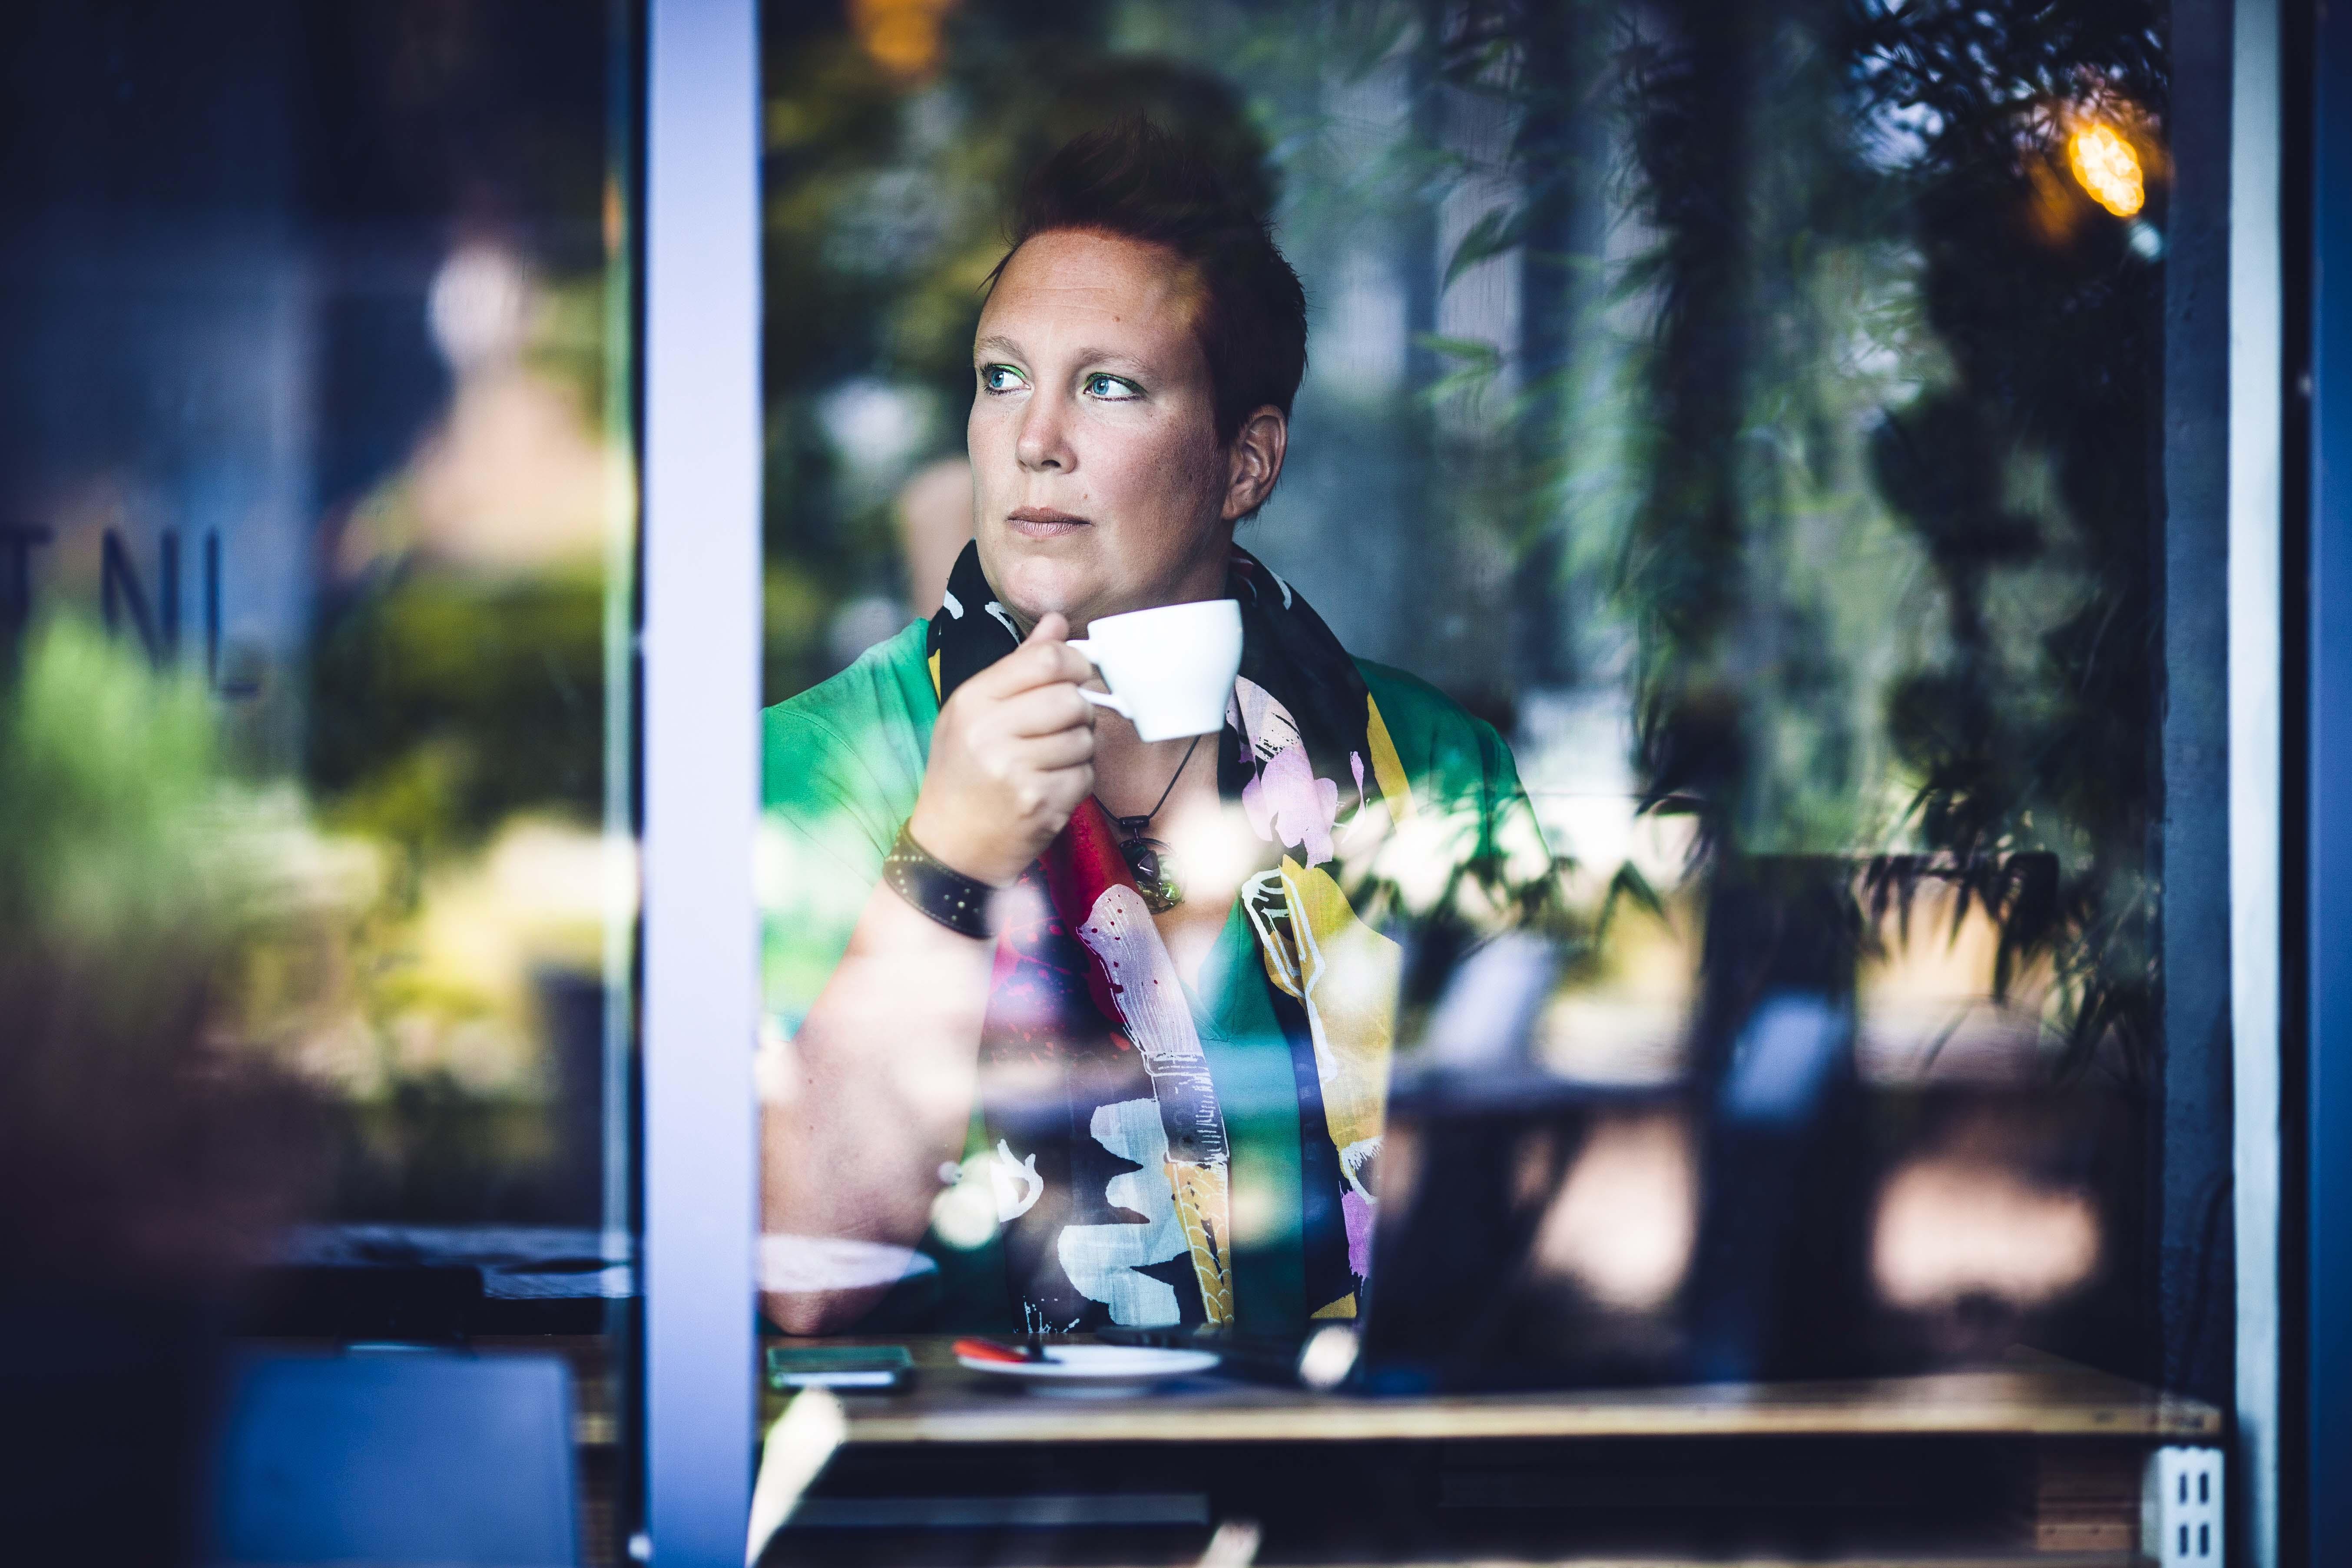 koffie, Ilse van de Burgwal, para-badminton, coach, woudenberg, authenticiteitscoach, veerkrachtcoach, veerkracht